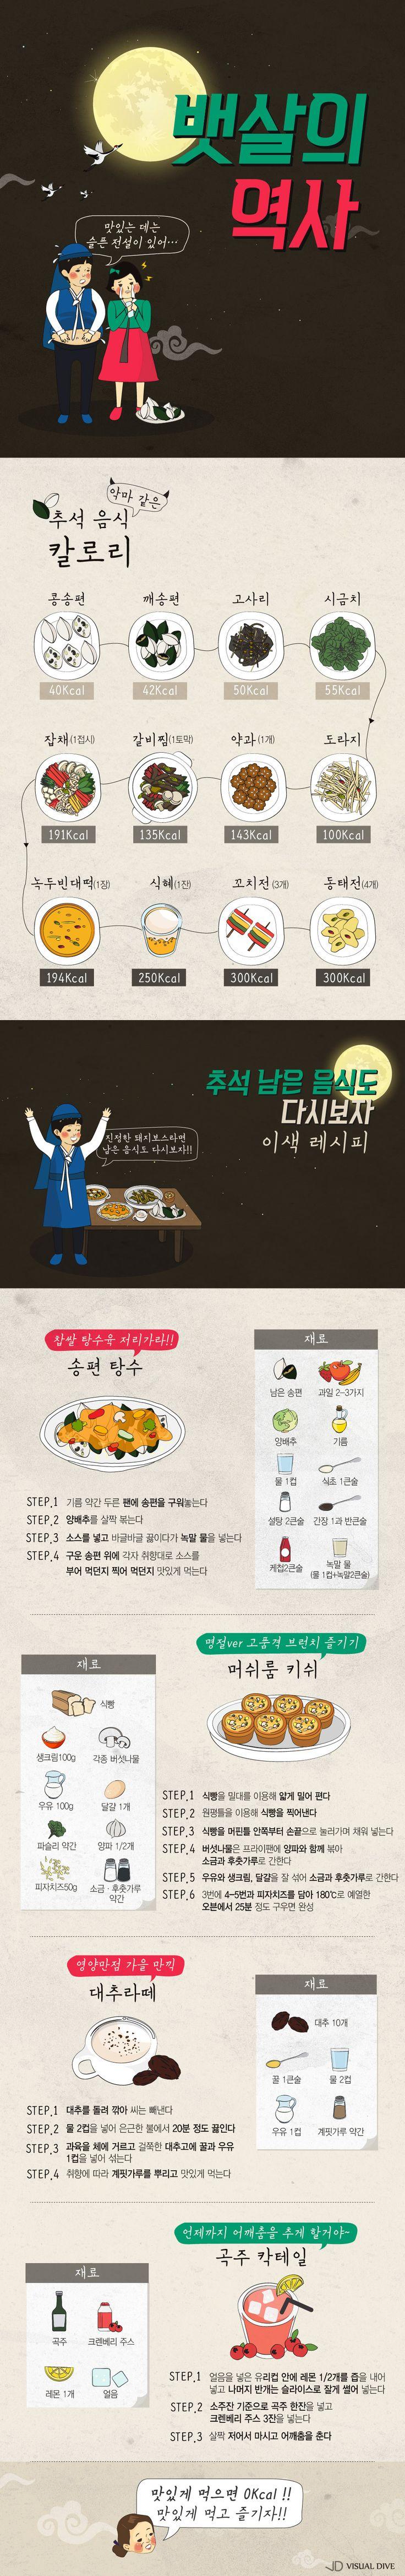 """추석의 완성 '풍성한 음식'…""""맛있게 먹으면 0칼로리~""""  [인포그래픽] #Food / #Infographic ⓒ 비주얼다이브 무단 복사·전재·재배포 금지"""